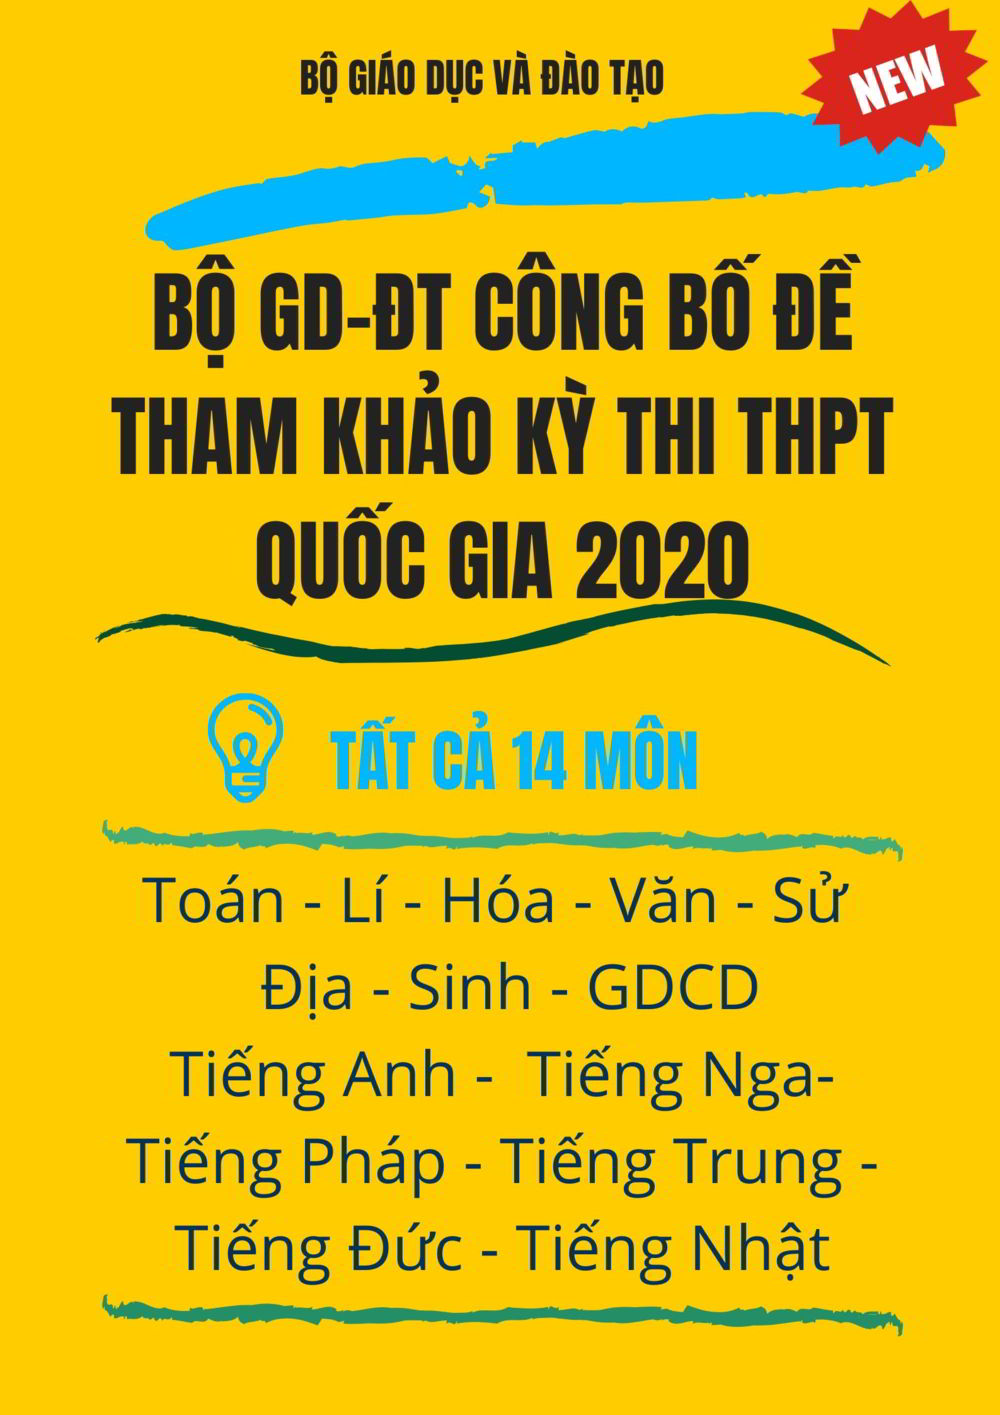 Tải sách: Bộ GD-ĐT công bố đề tham khảo kỳ thi THPT quốc gia 2020